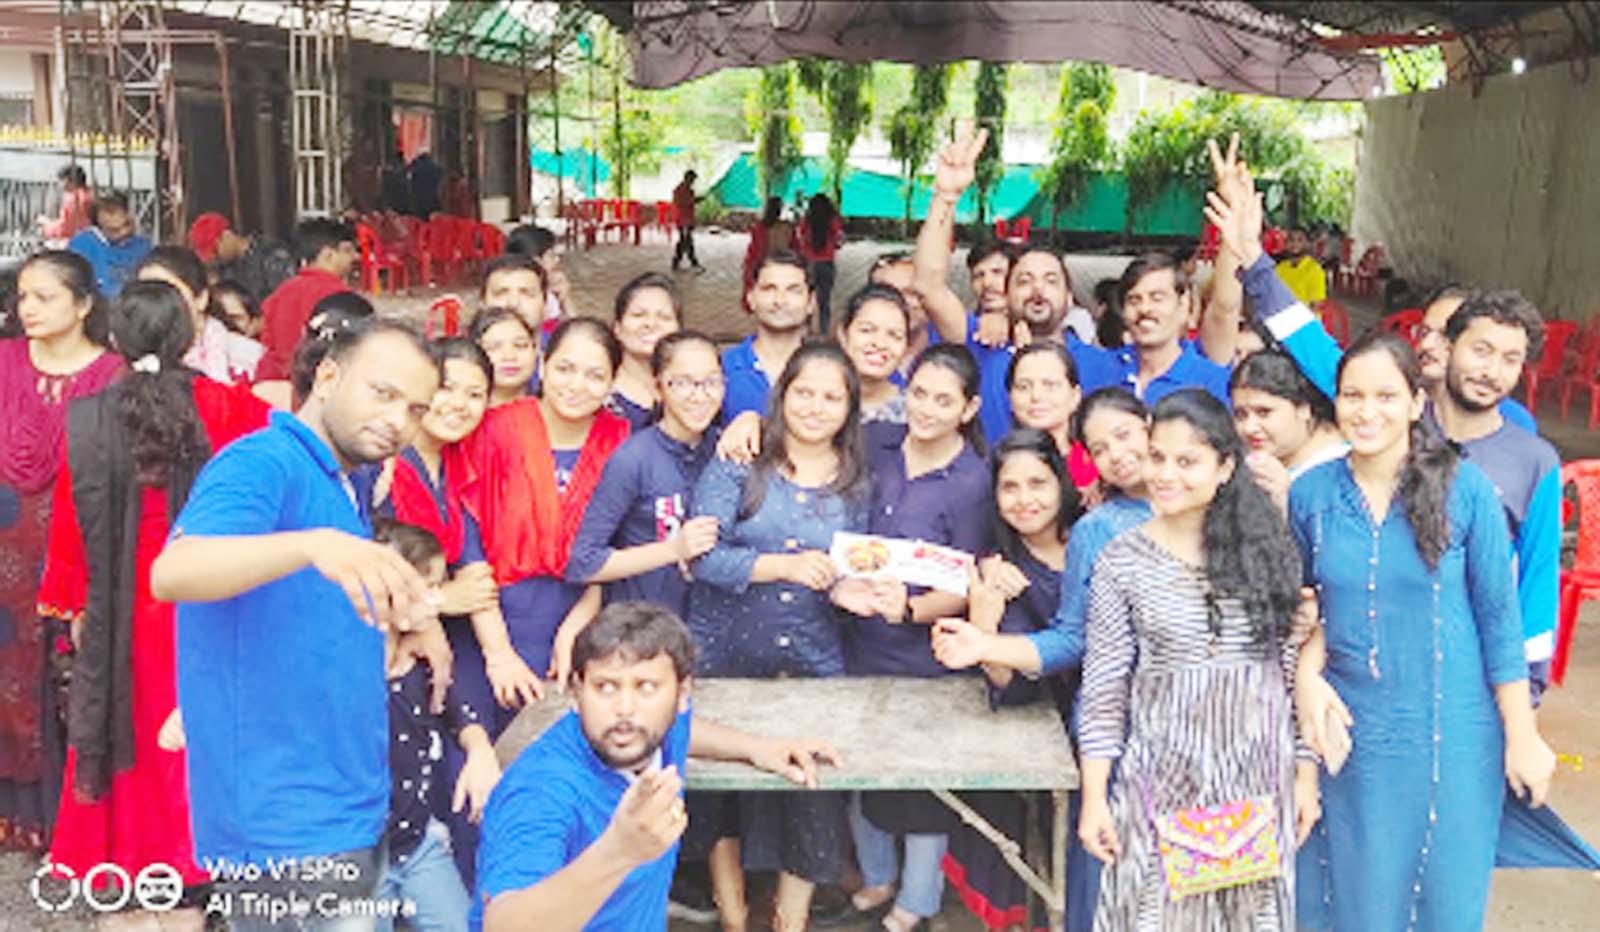 जैन सोश्यल गुुप 'मैत्री' ने मनाया र्स्पोट्स-डे, विभिन्न गेम्स रखकर विजेताओं को प्रदान किए पुरस्कार